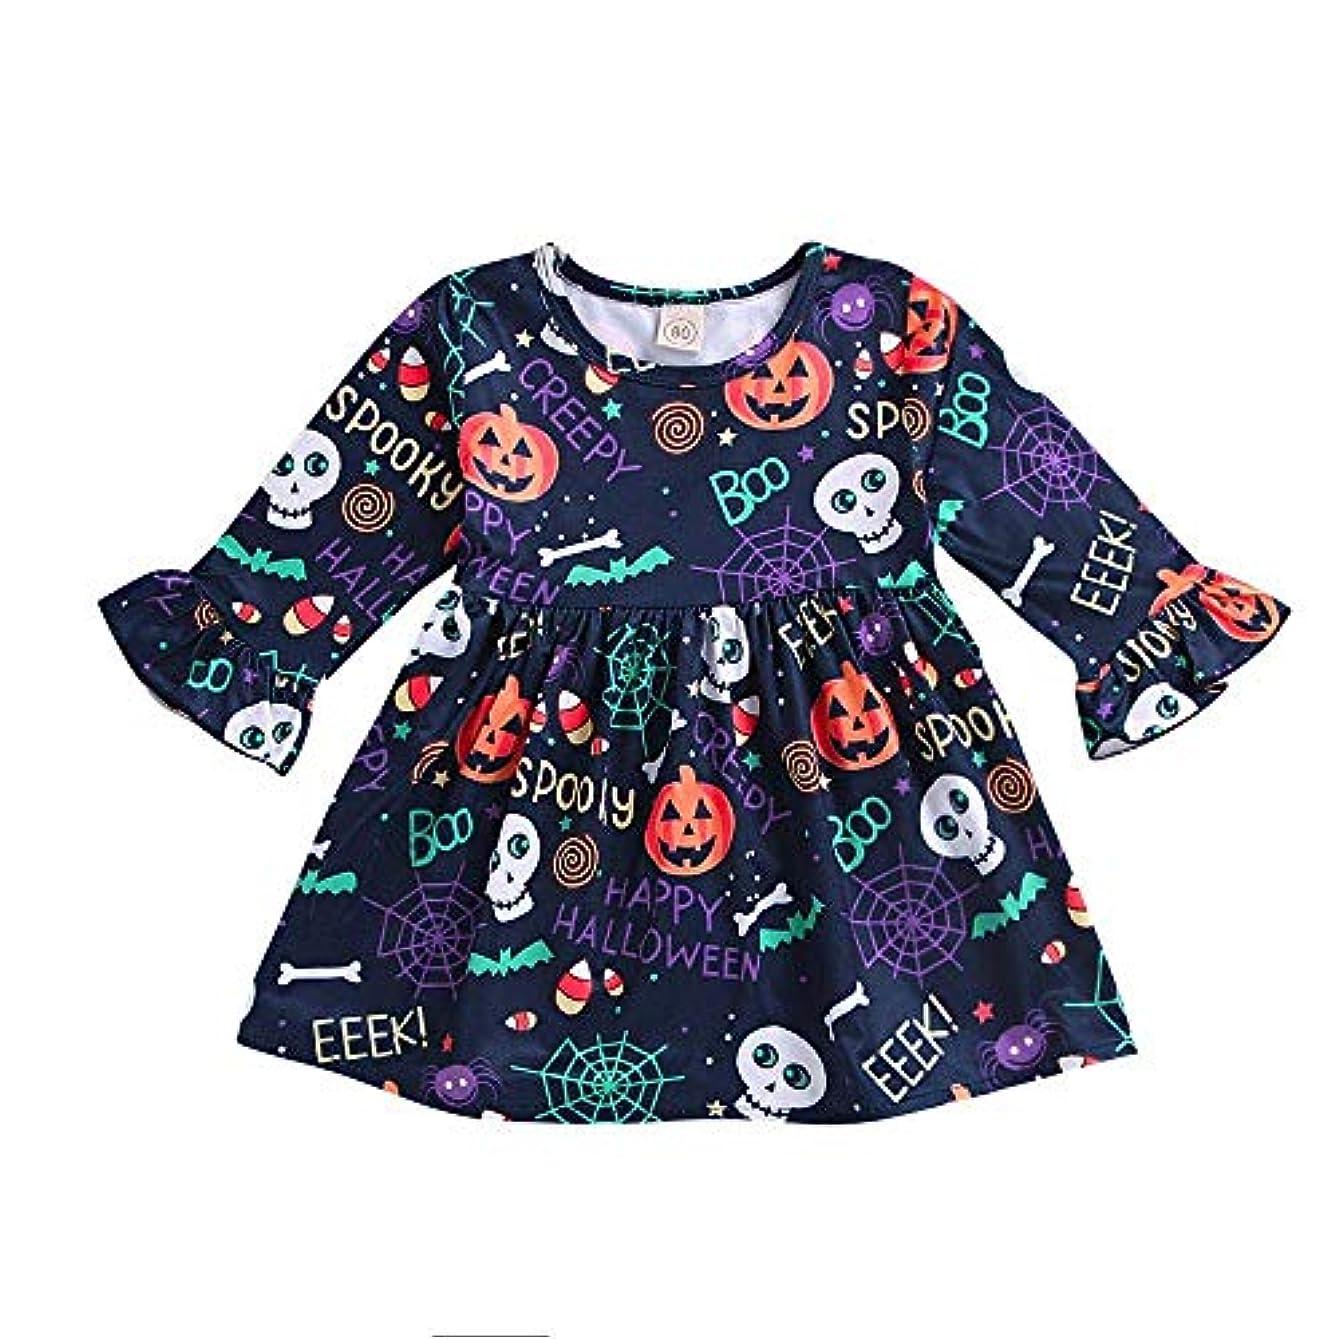 微妙懸念数BHKK 子供 幼児の女の子の漫画のロングスリーブプリントカボチャのドレスハロウィーンの装飾 12ヶ月 - 4 歳 3 歳